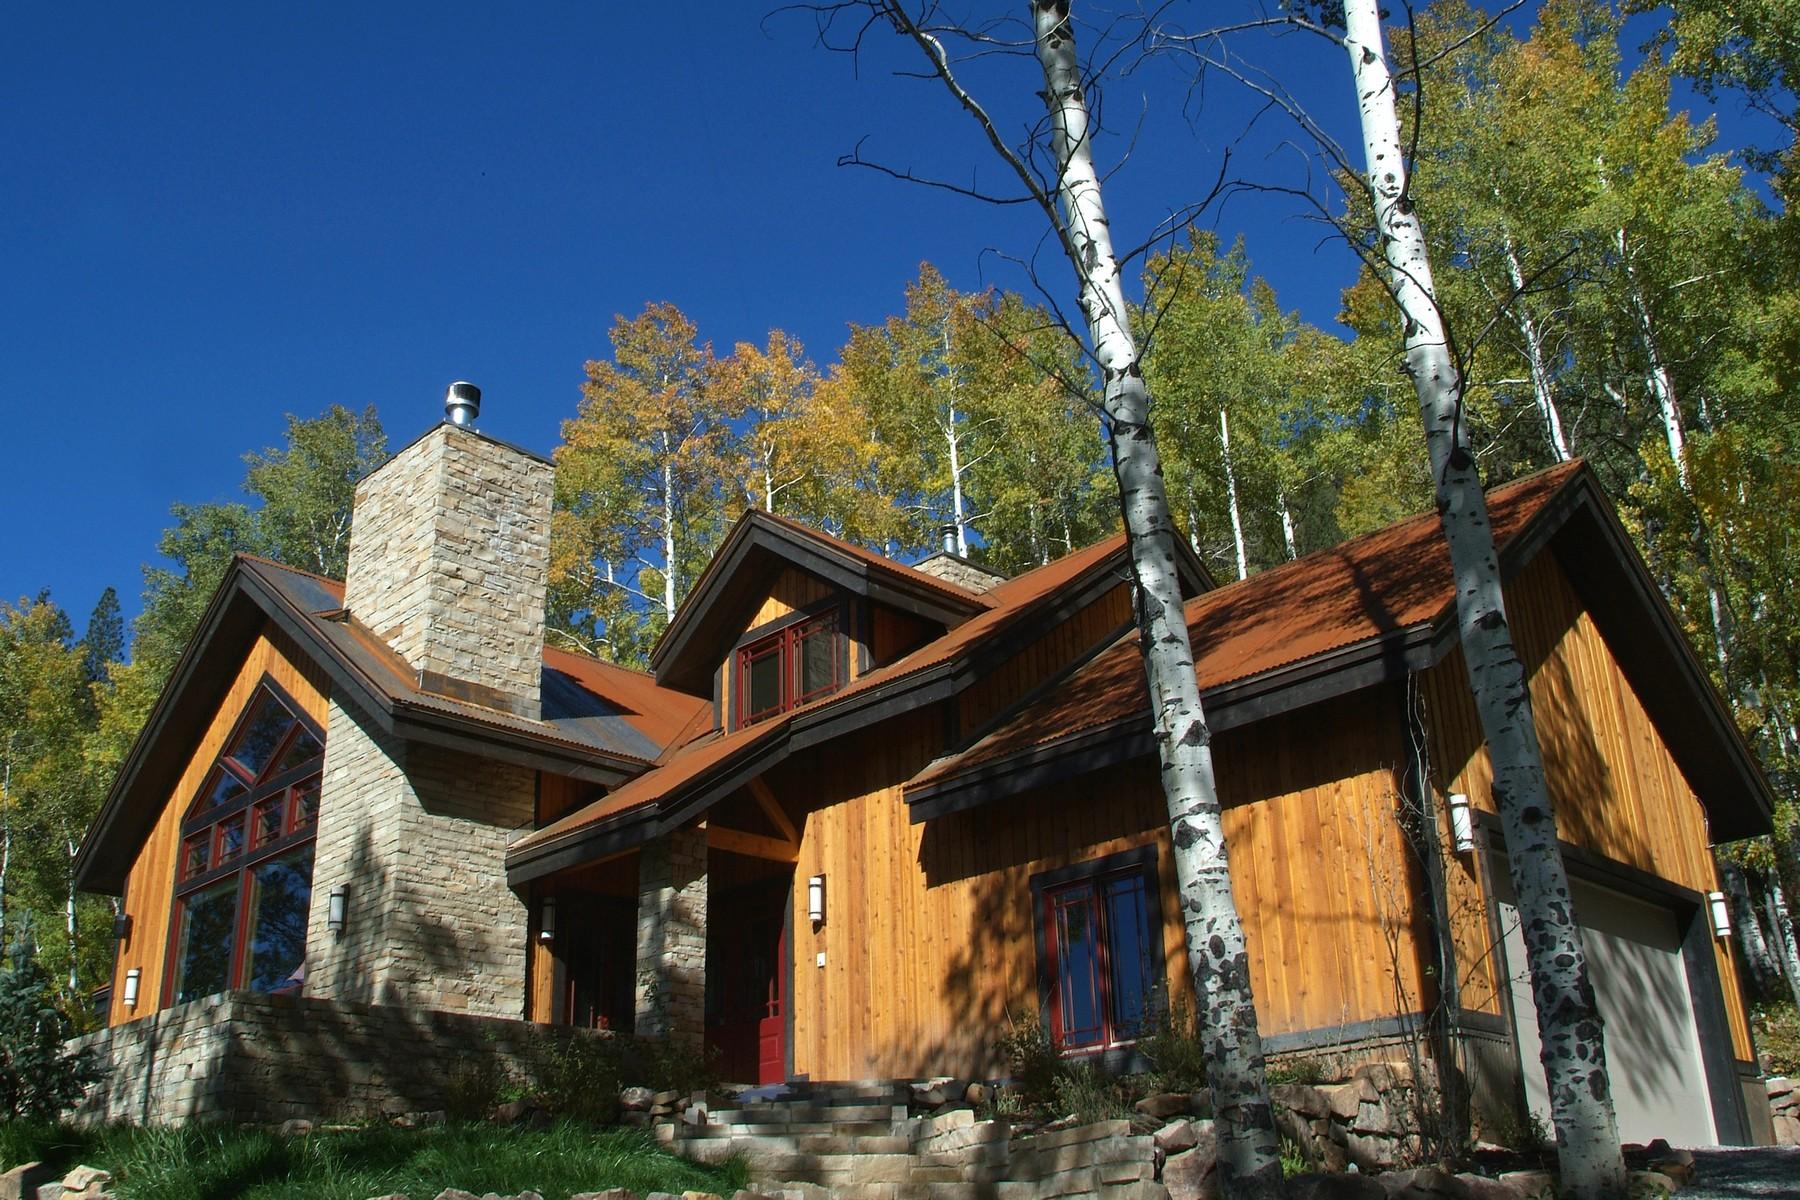 Casa Unifamiliar por un Venta en 295 Sky Mountain Ranch Road 295 Sky Mountain Ranch Road Placerville, Colorado 81435 Estados Unidos